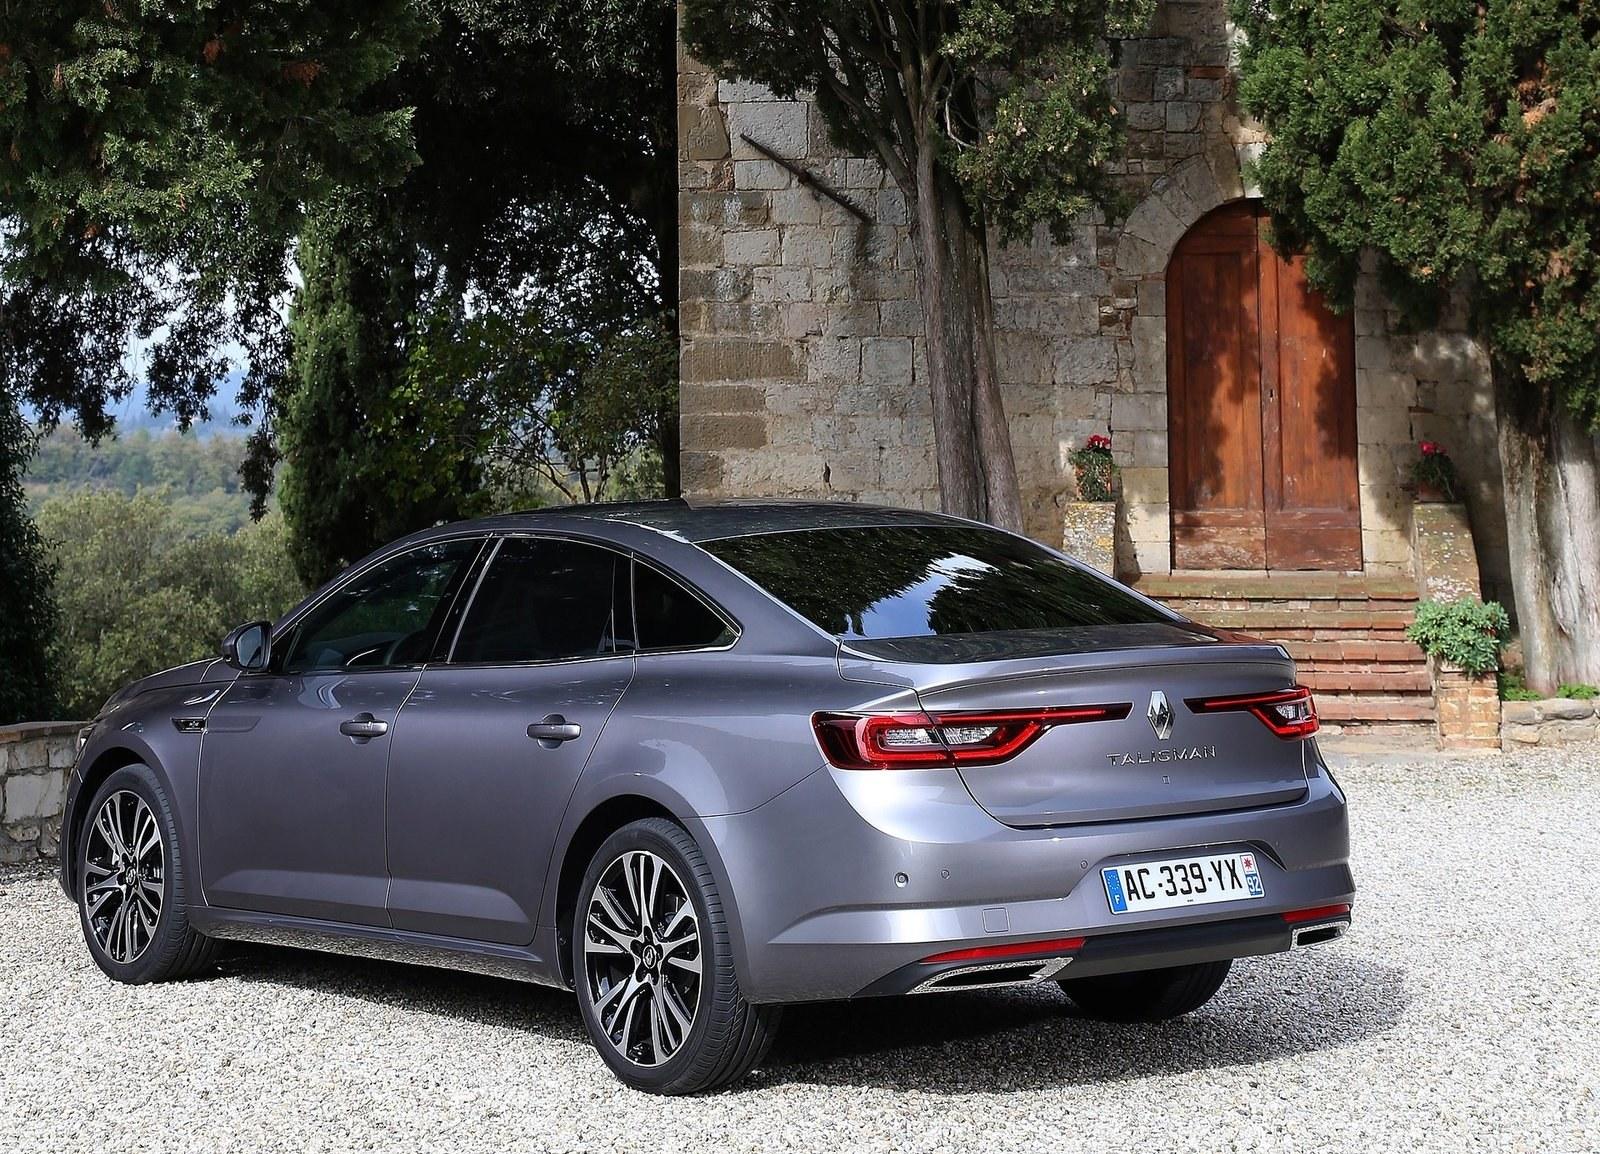 2016 Renault Talisman Rear Side Body